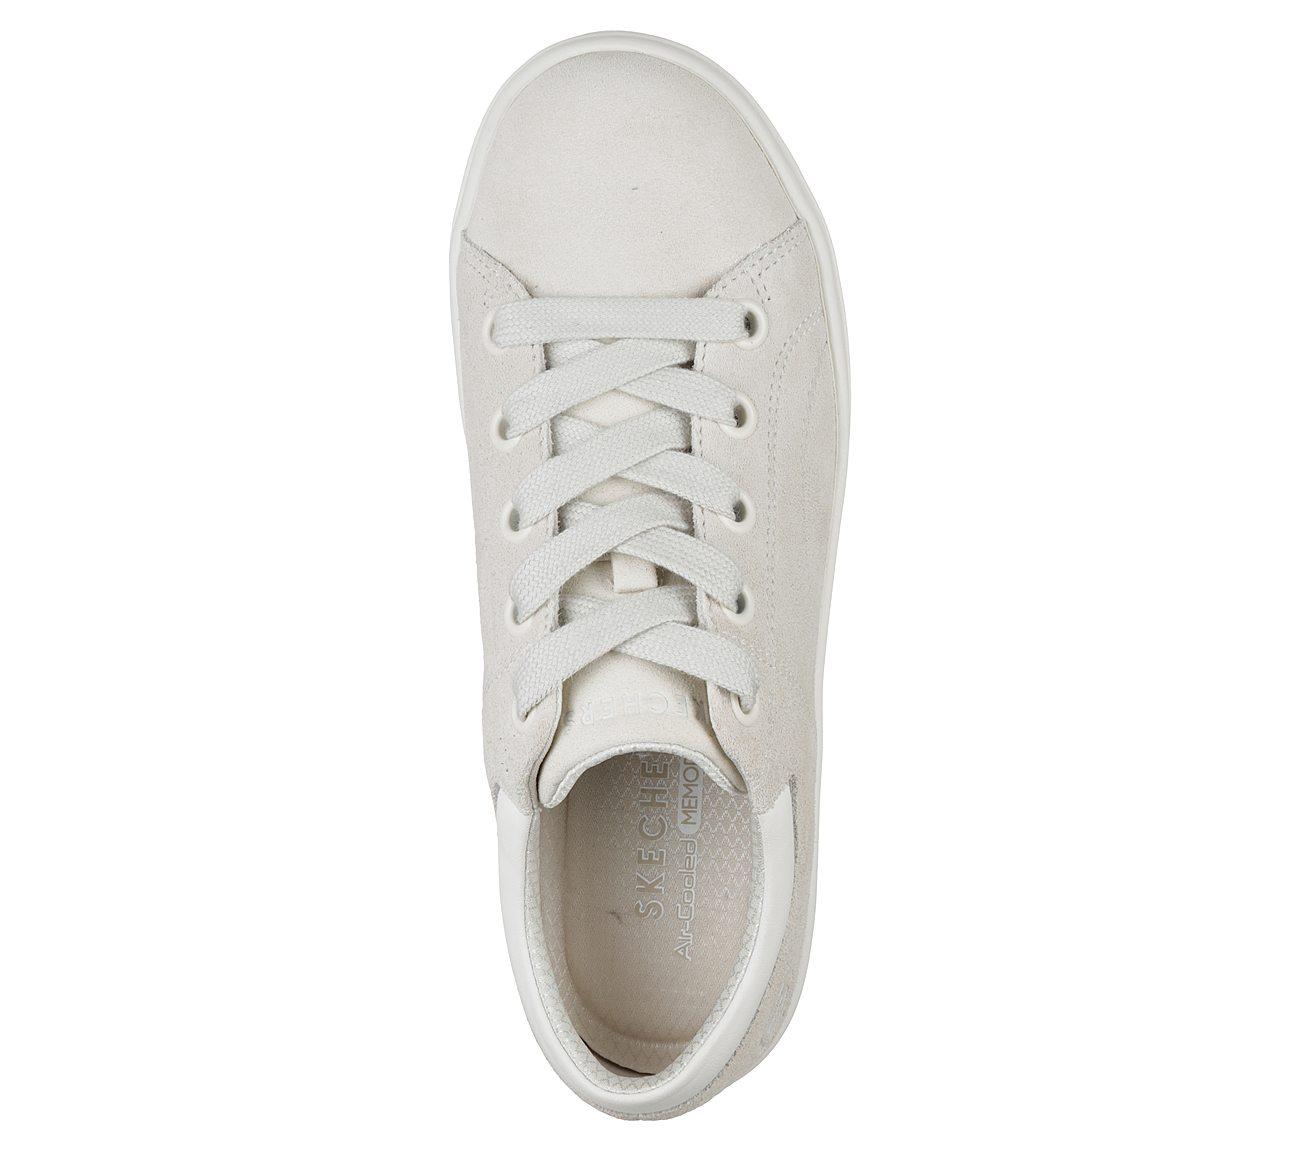 b480311d2670 Buy SKECHERS Street Cleat SKECHER Street Shoes only £65.00